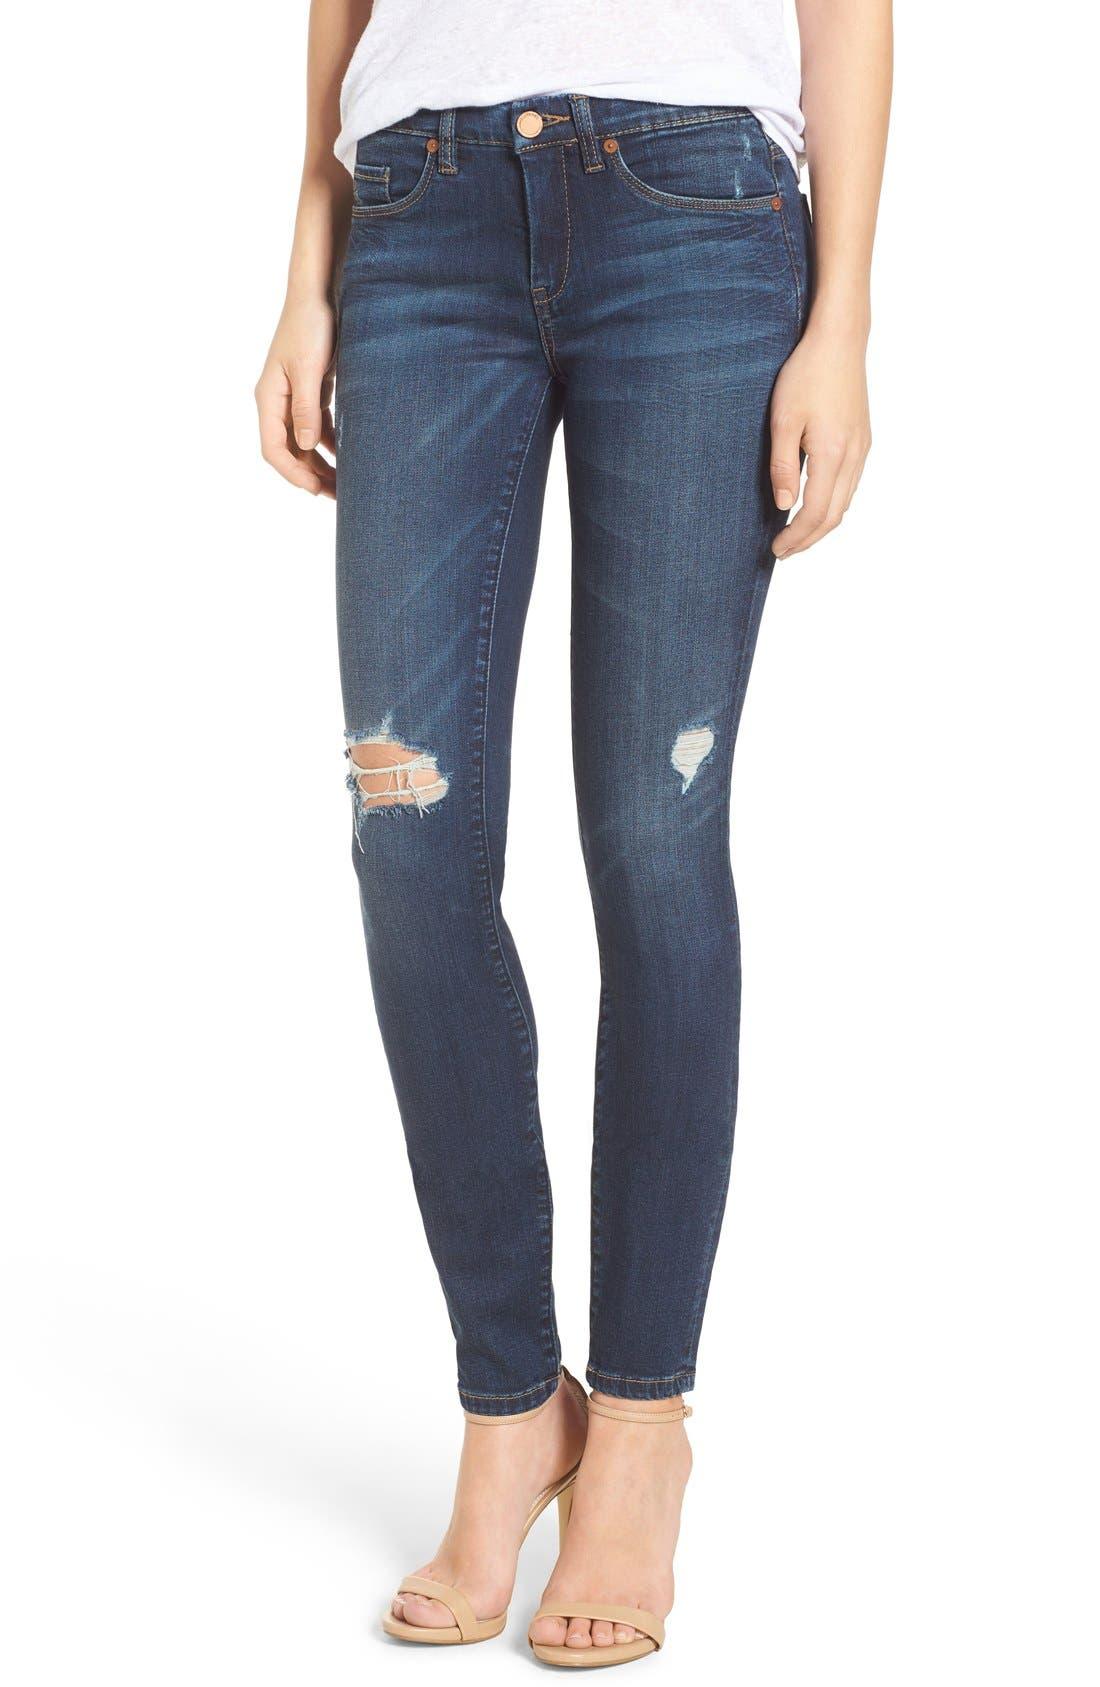 Alternate Image 1 Selected - BLANKNYC Distressed Skinny Jeans (Junk Drawers)